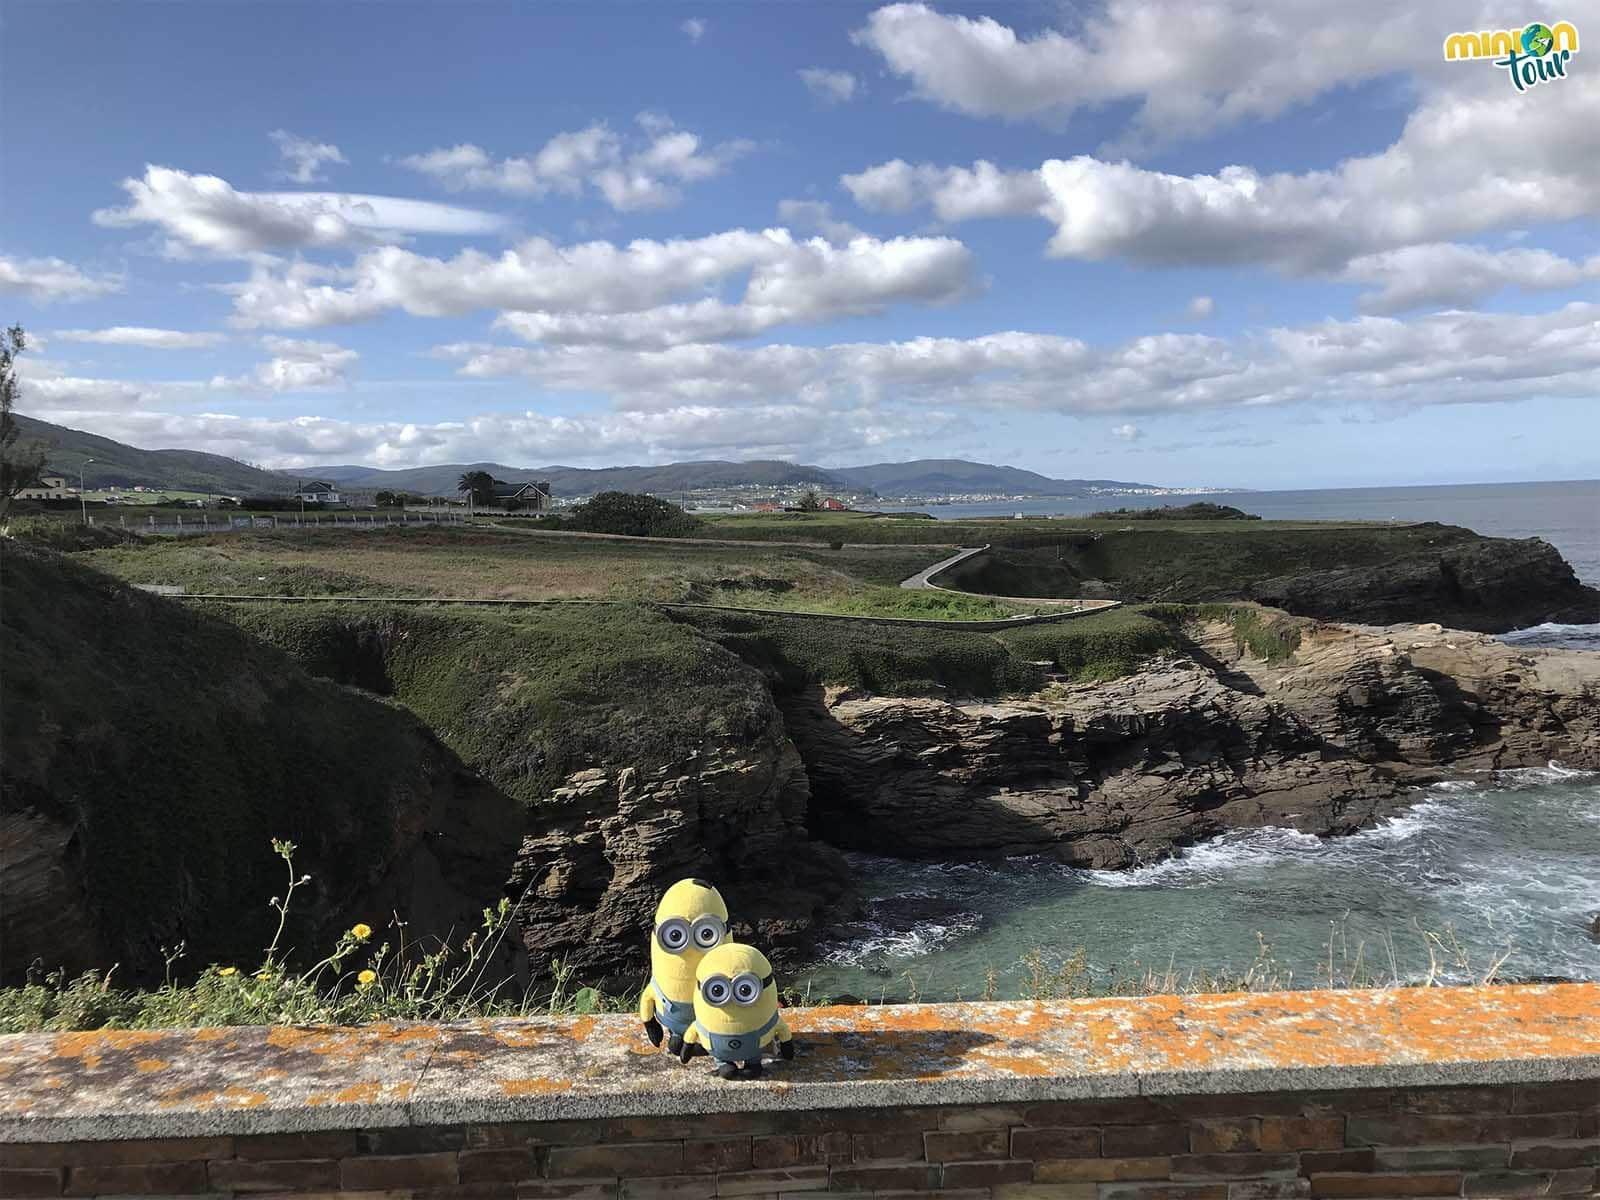 En la costa de Lugo hemos visto un cuerno que se mete en el mar